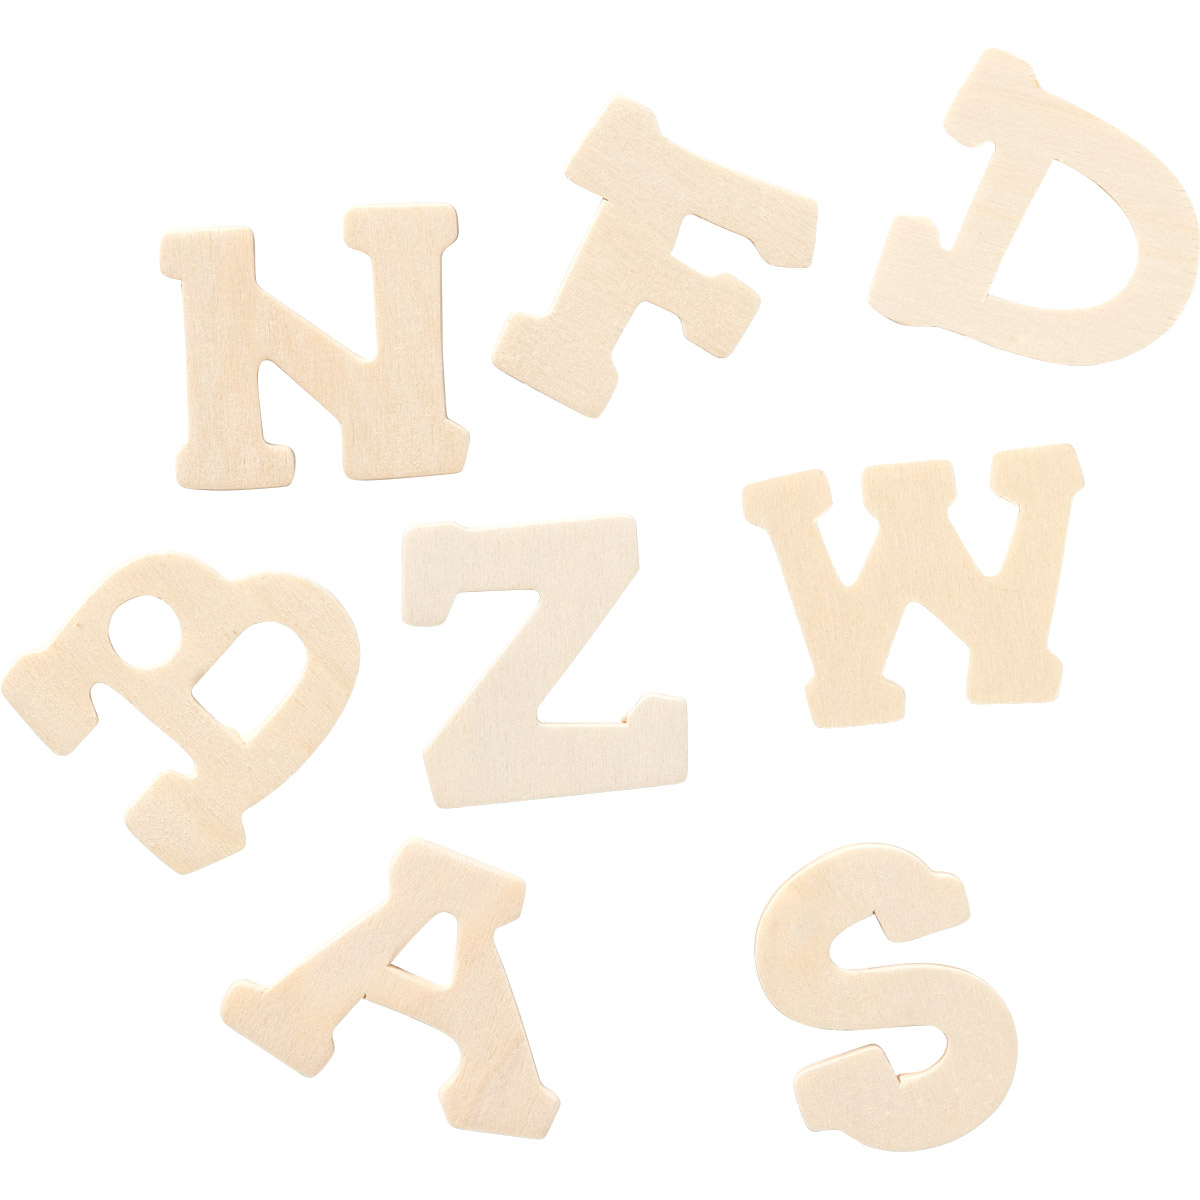 Plaid ® Painter's Palette™ Wood Letters, 1.75 inch, 36 pcs. - 23251